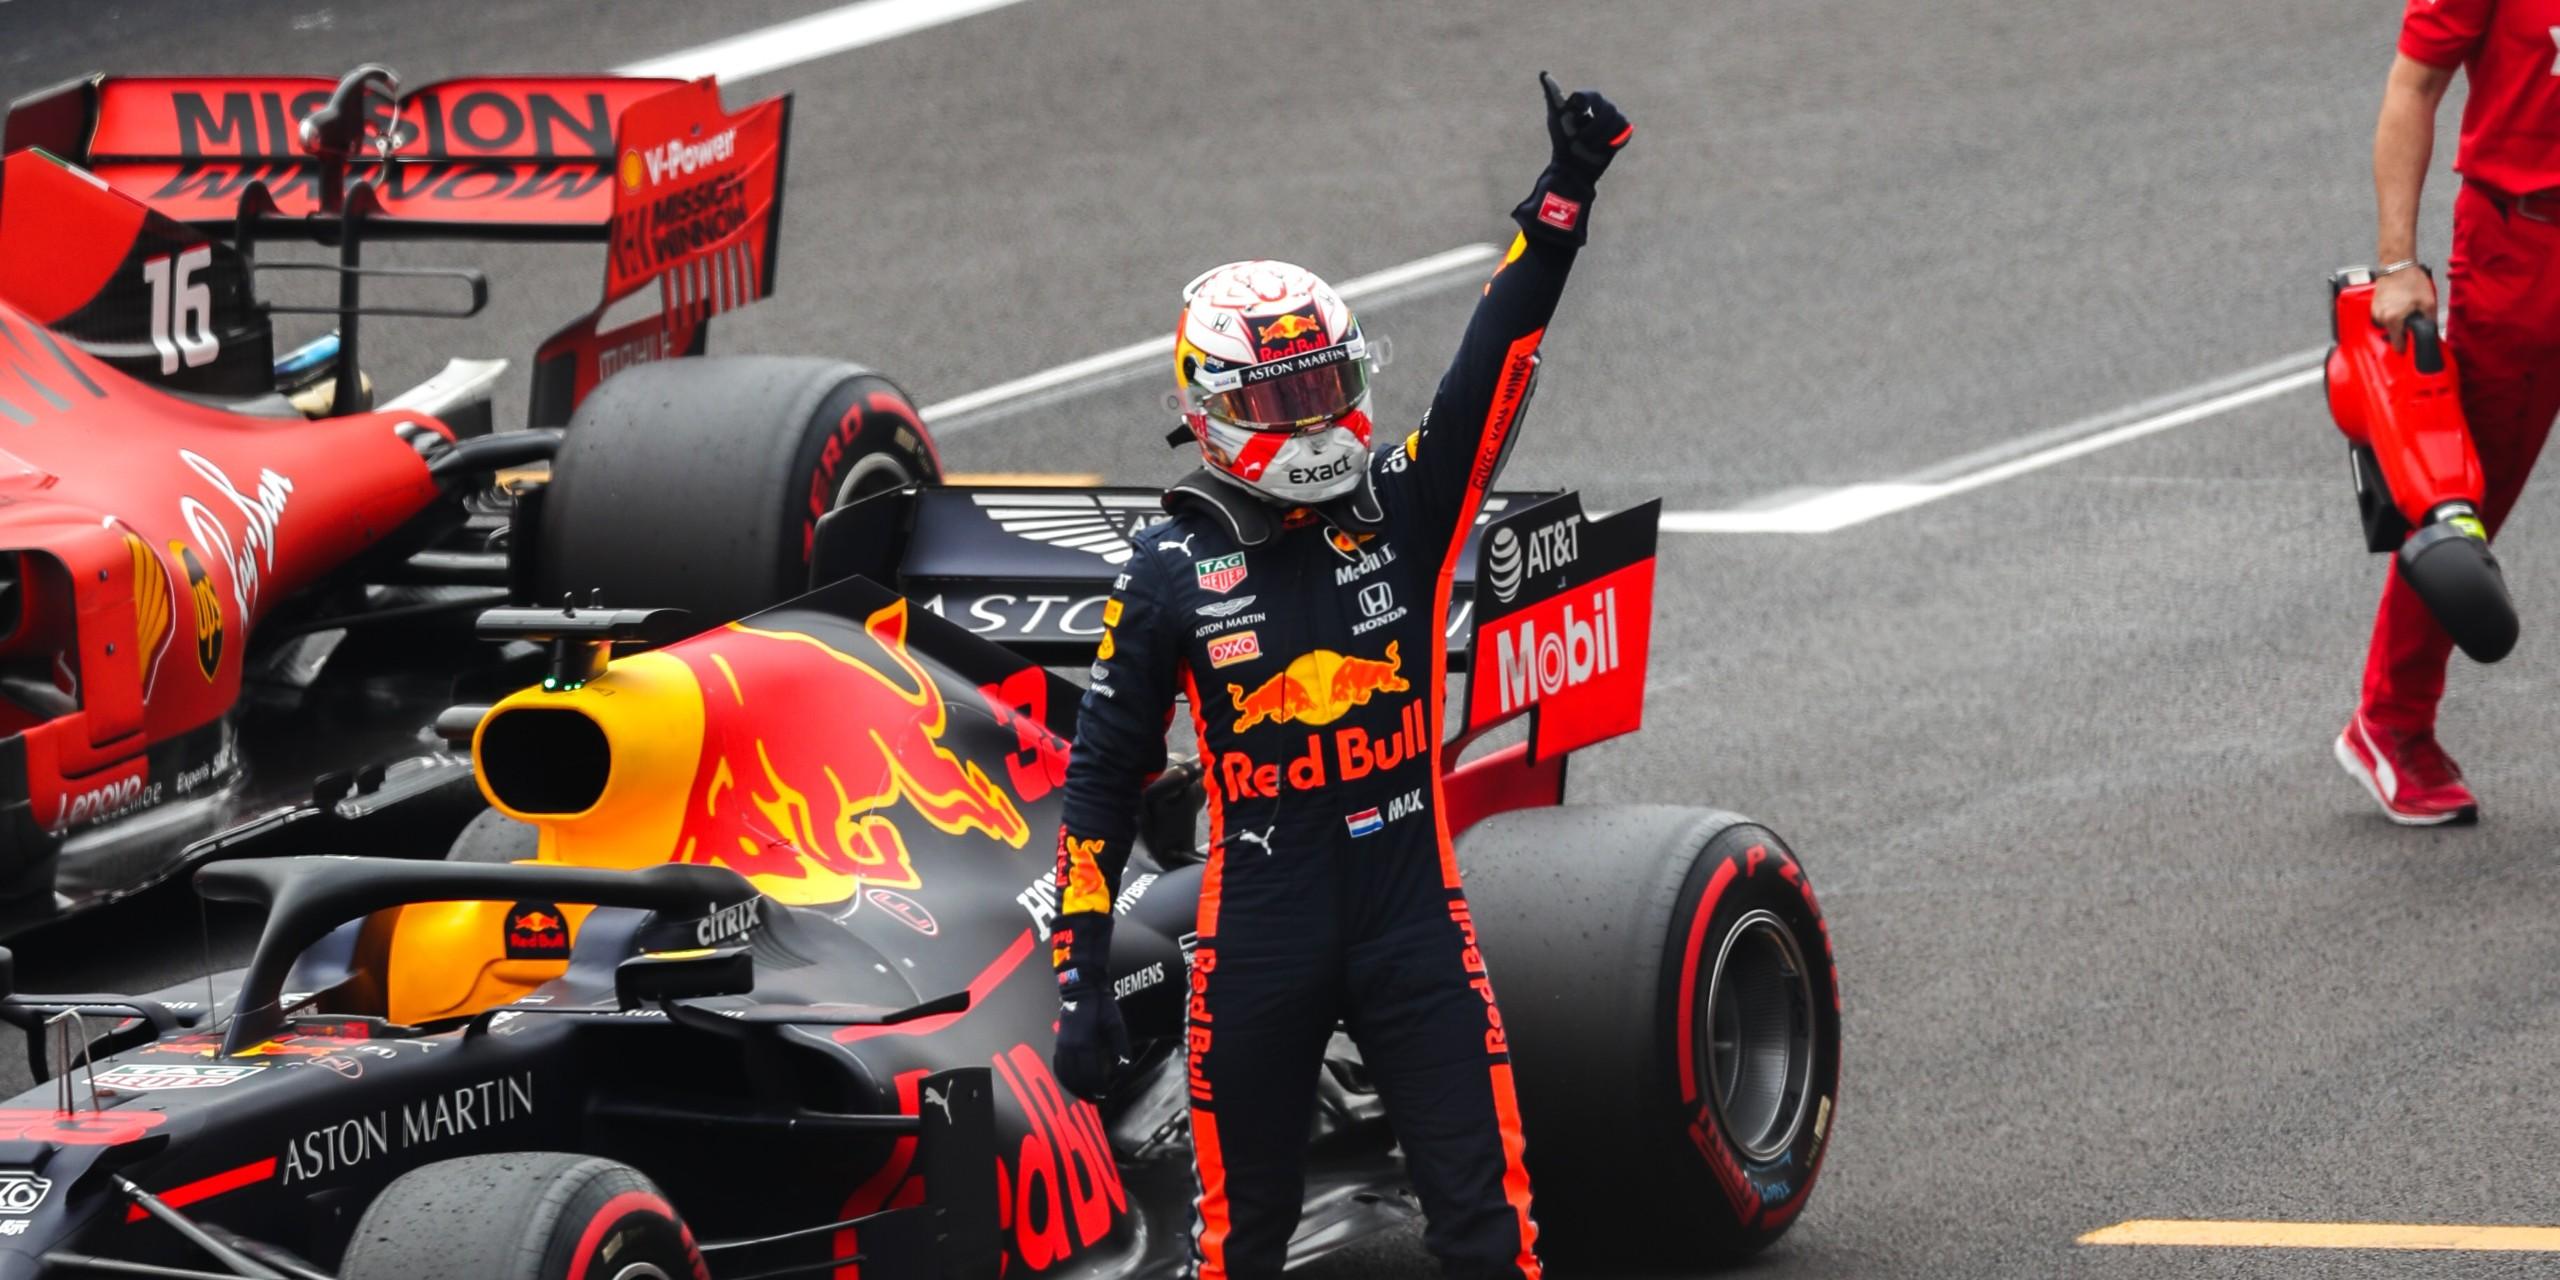 Hoe belangrijk constructeurs ranglijst in Formule 1